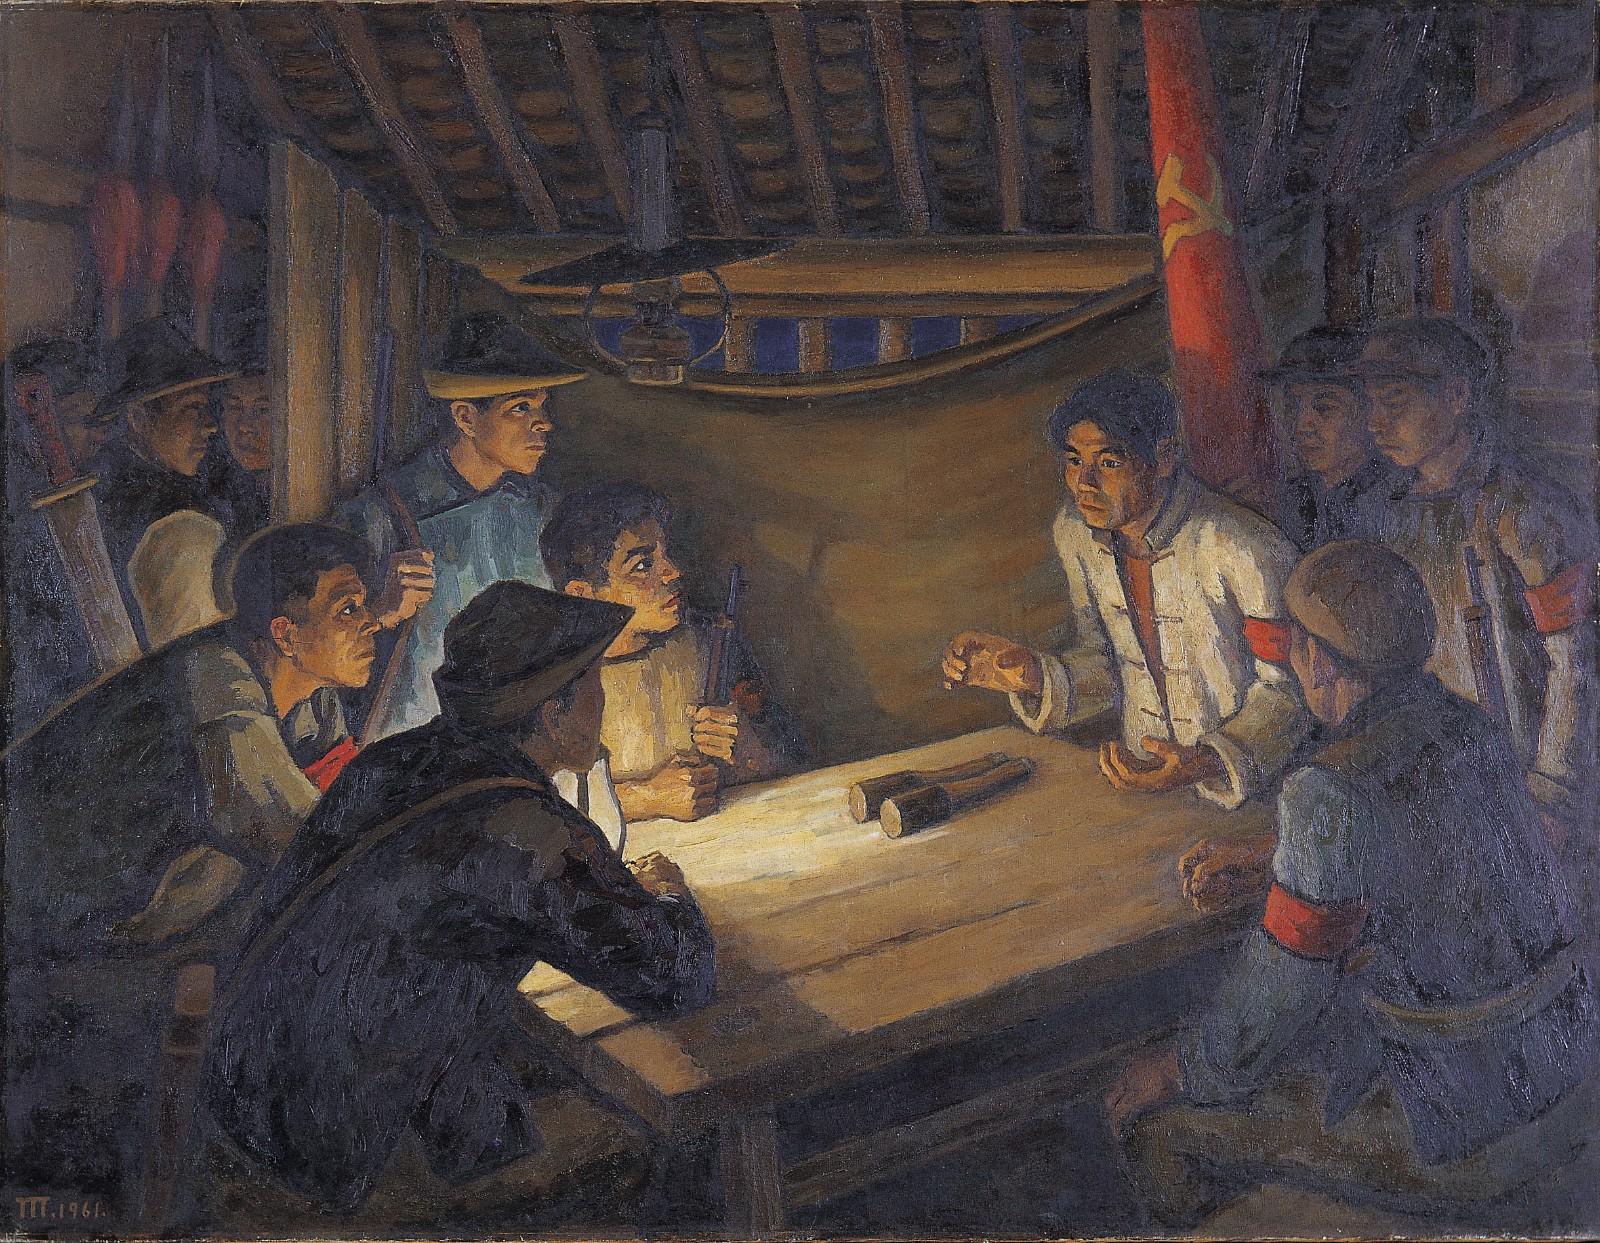 28 《前夜》,胡一川,1961年,广州,布面油画,140cm×181.5cm中国美术馆藏.jpg